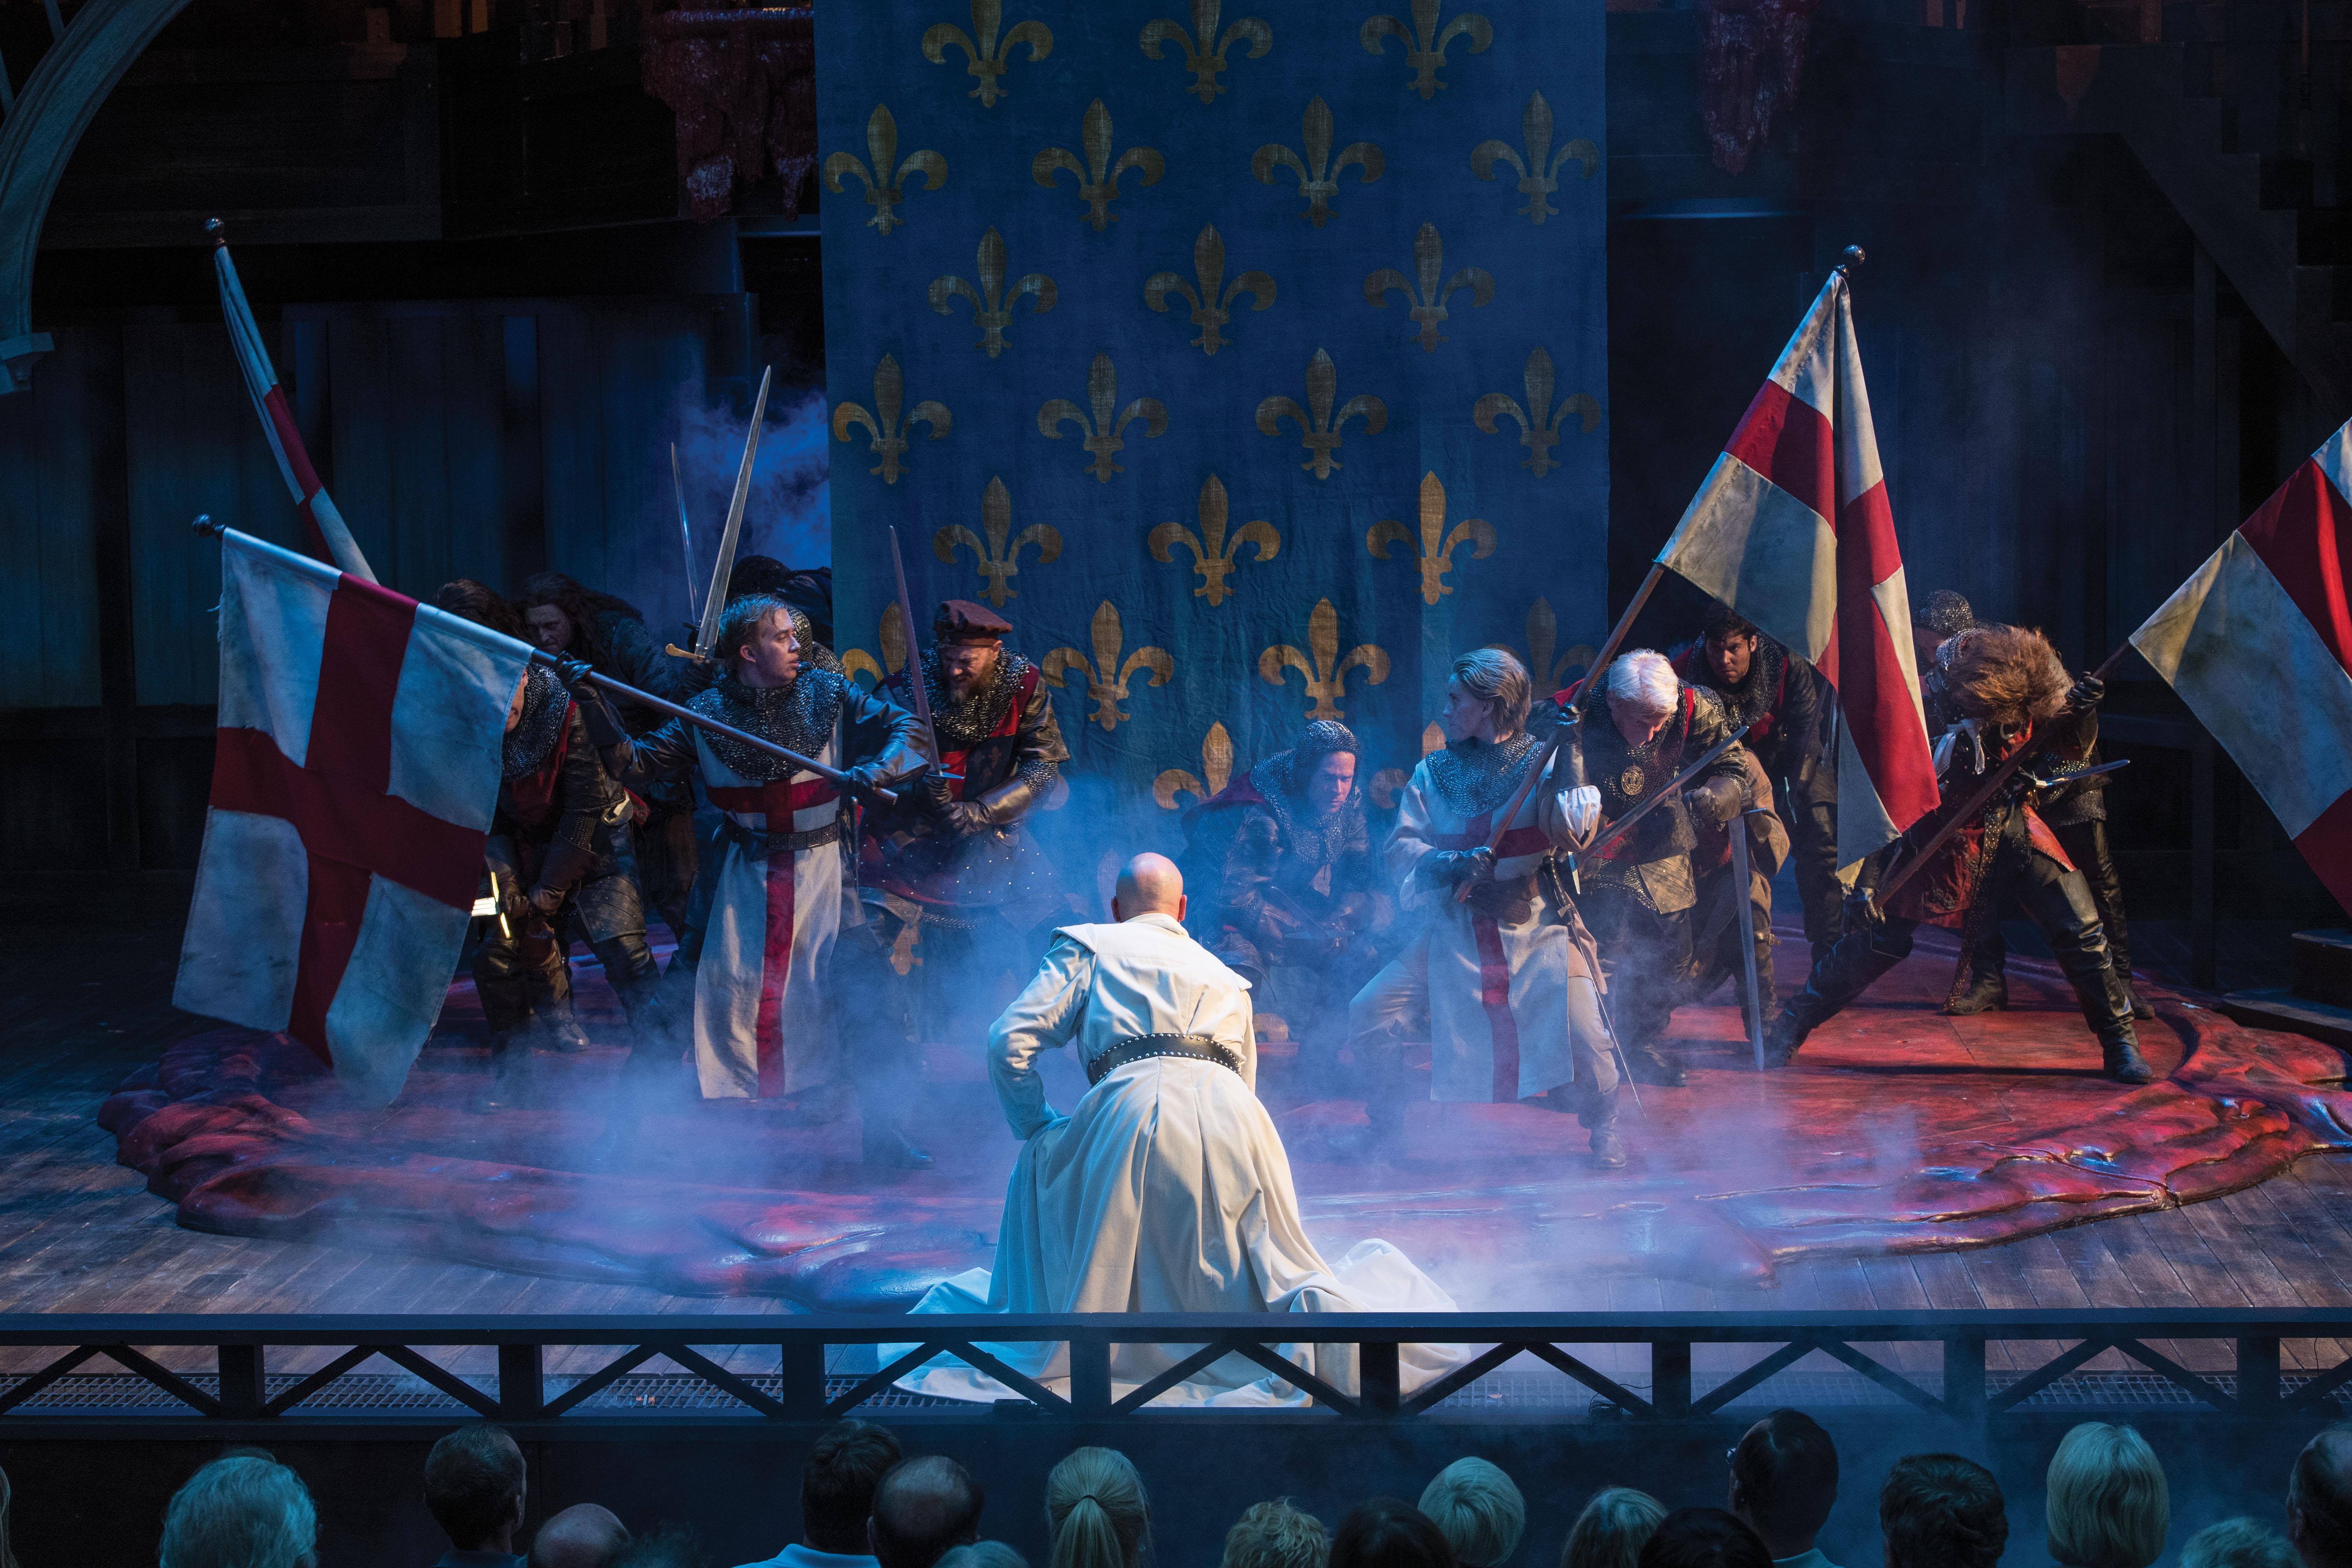 A scene from Henry V